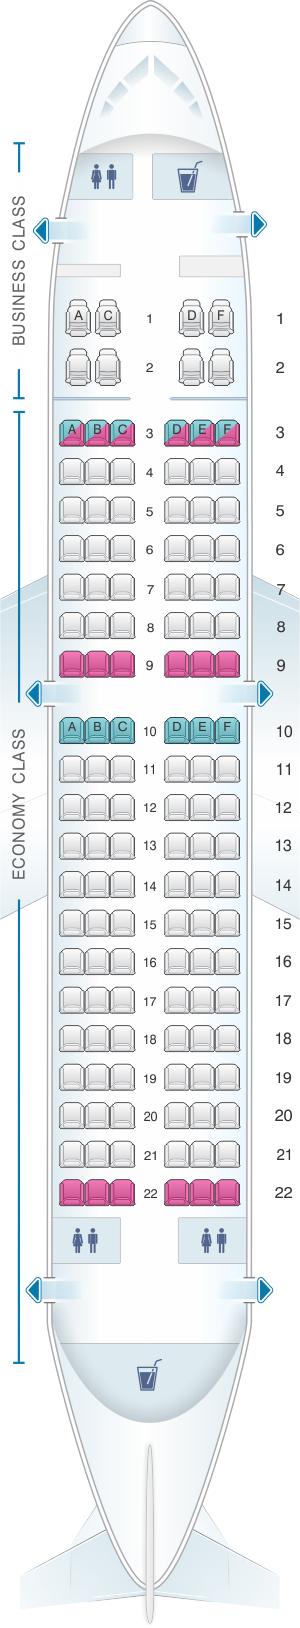 Seat map for Virgin Australia Boeing B737 700